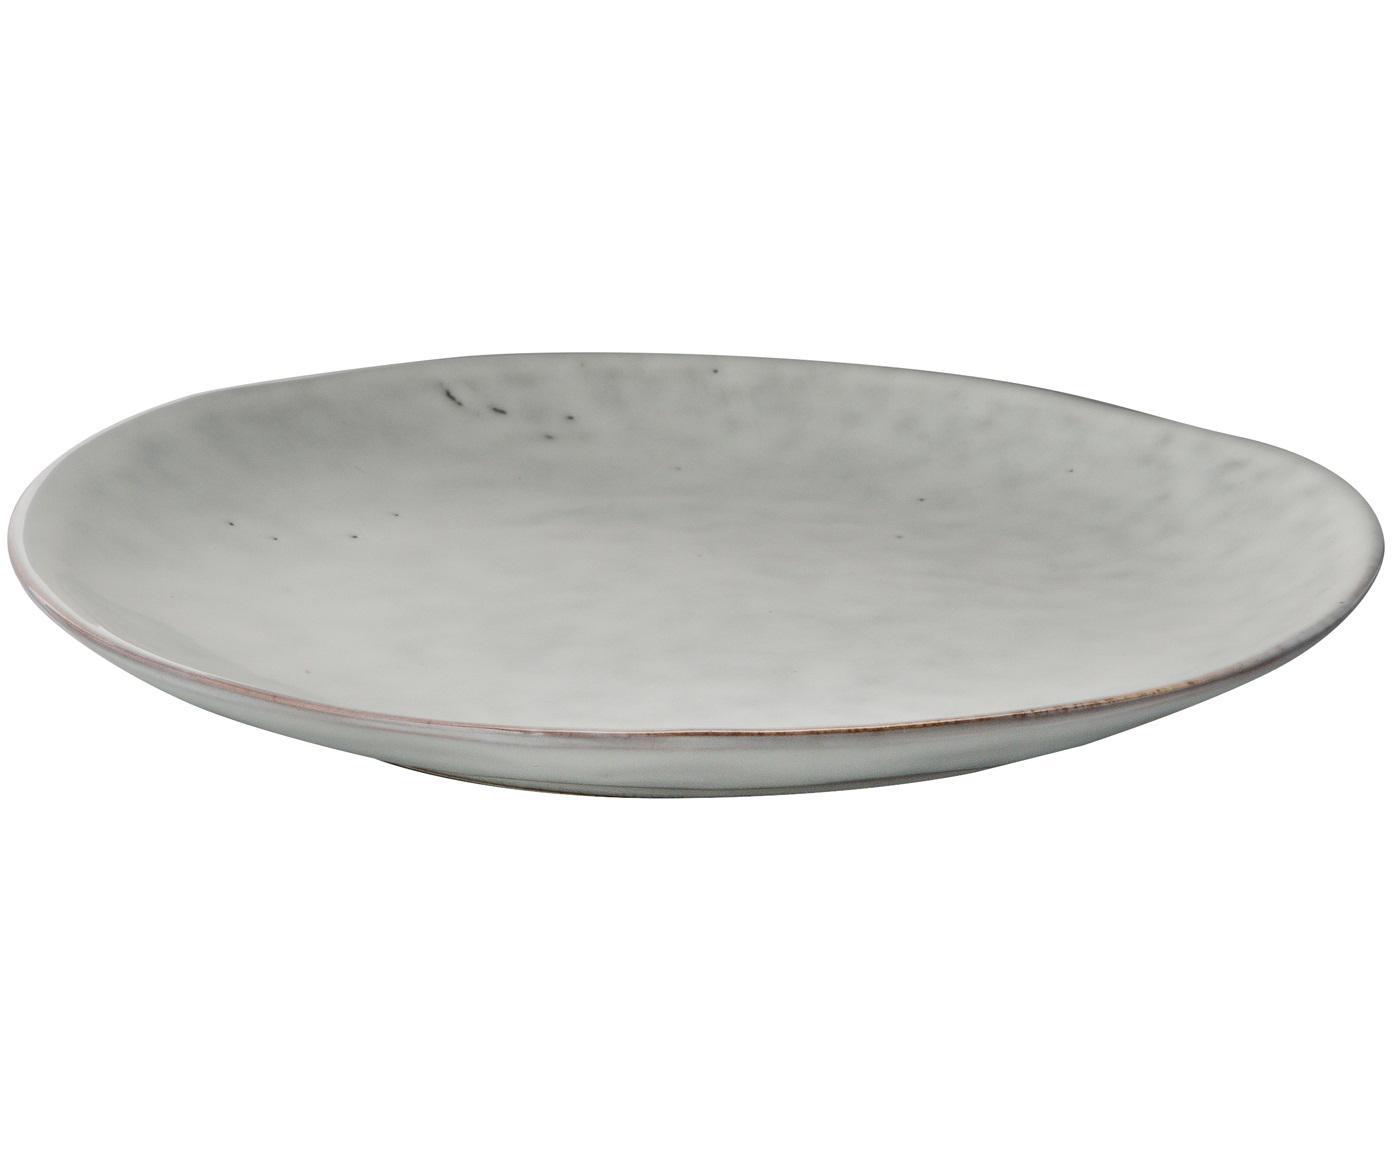 Handgemachte Frühstücksteller Nordic Sand, 4 Stück, Steingut, Sand, Ø 20 x H 3 cm